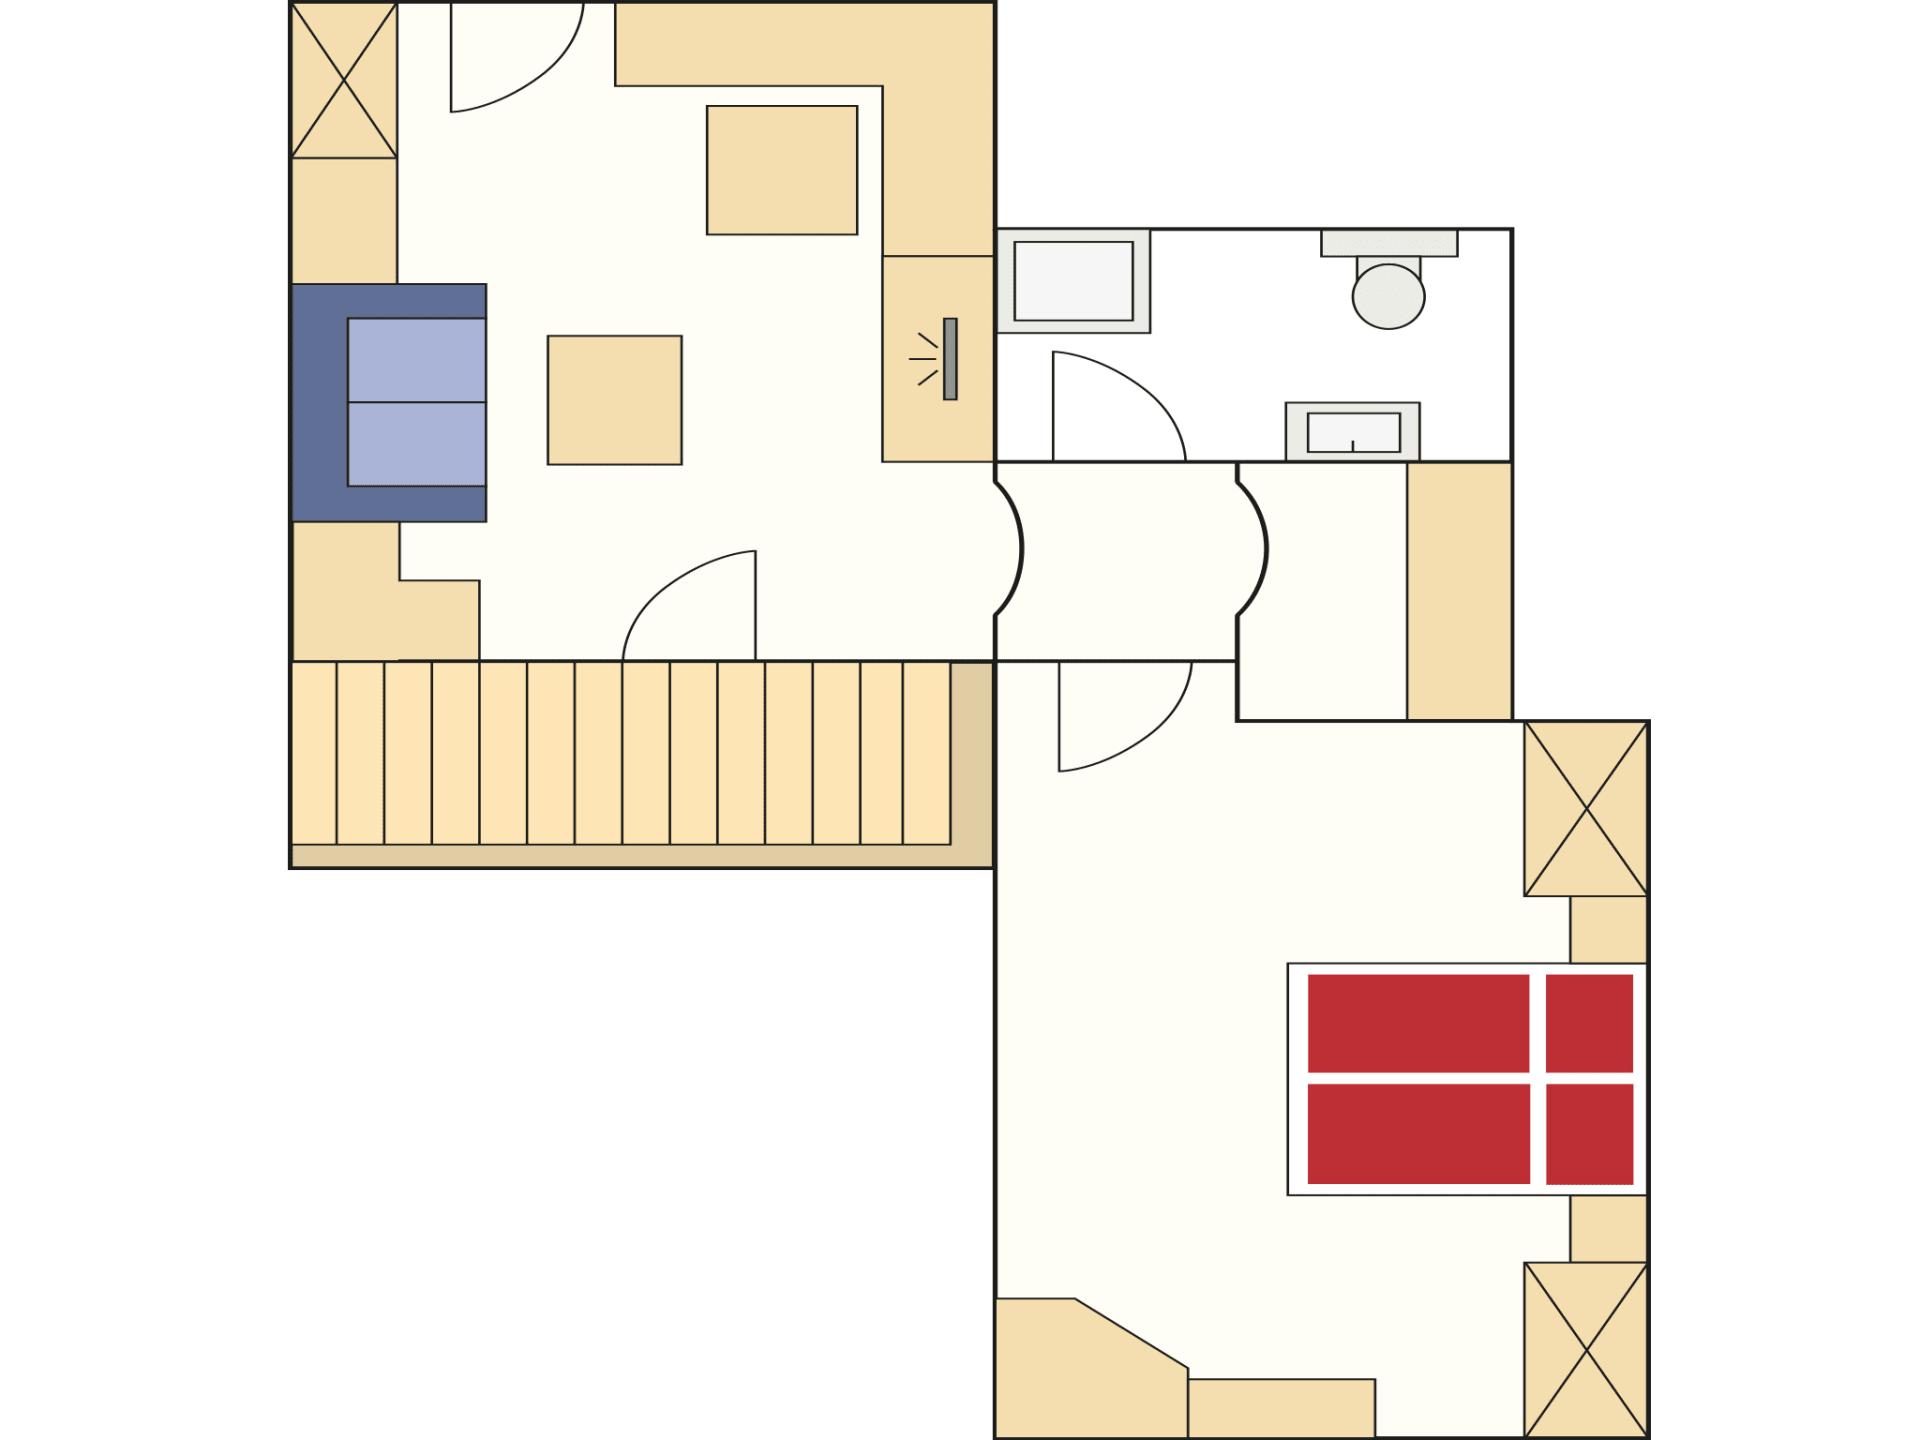 Apartement - Murmele